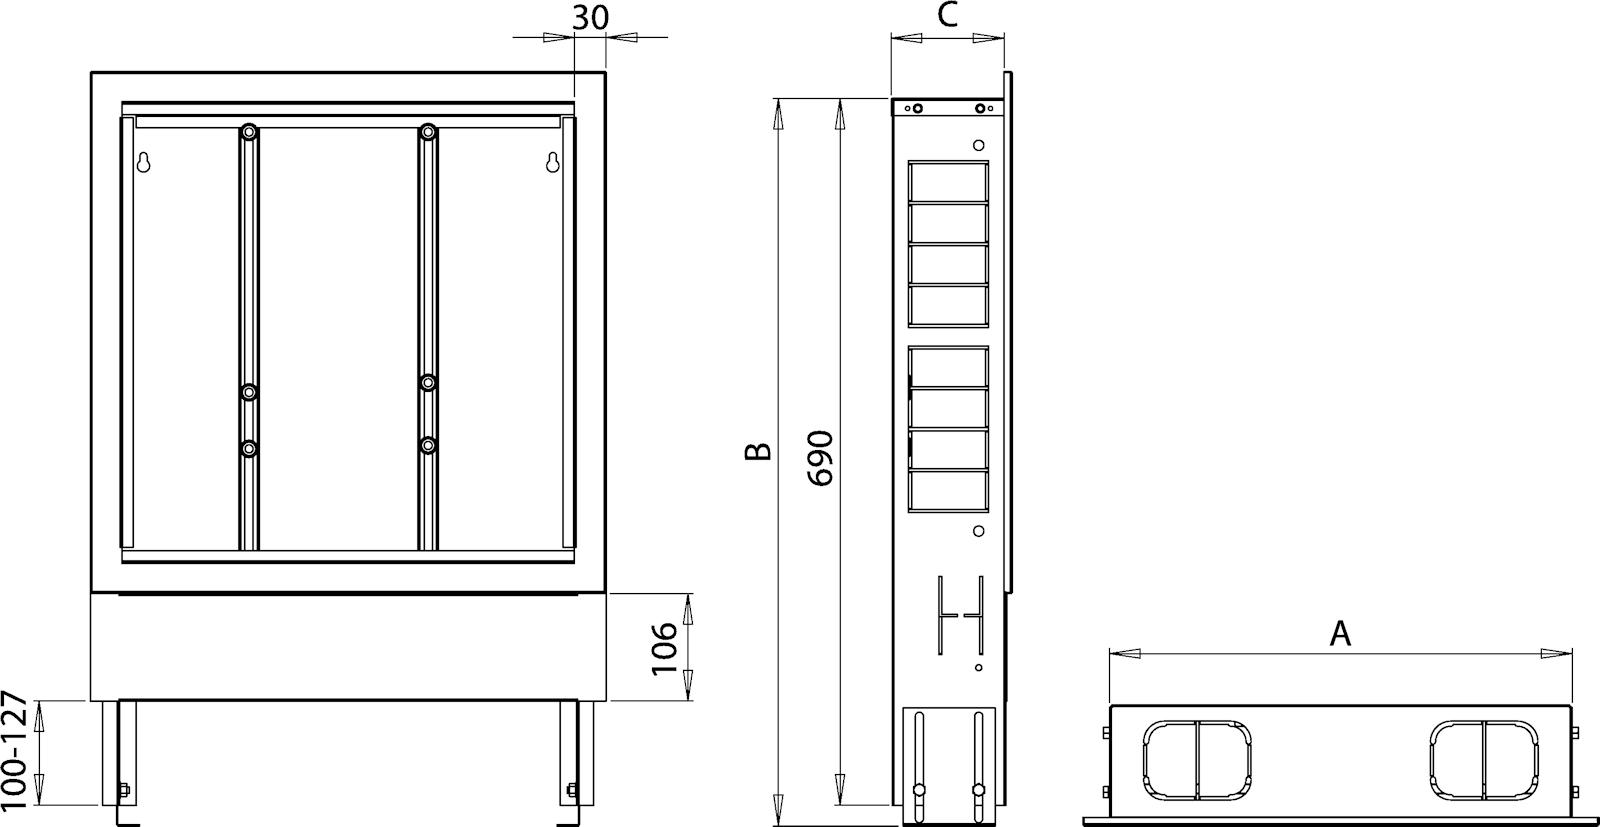 verteilerschrank aufputz unterputz f r verteiler fu bodenheizung wei ebay. Black Bedroom Furniture Sets. Home Design Ideas